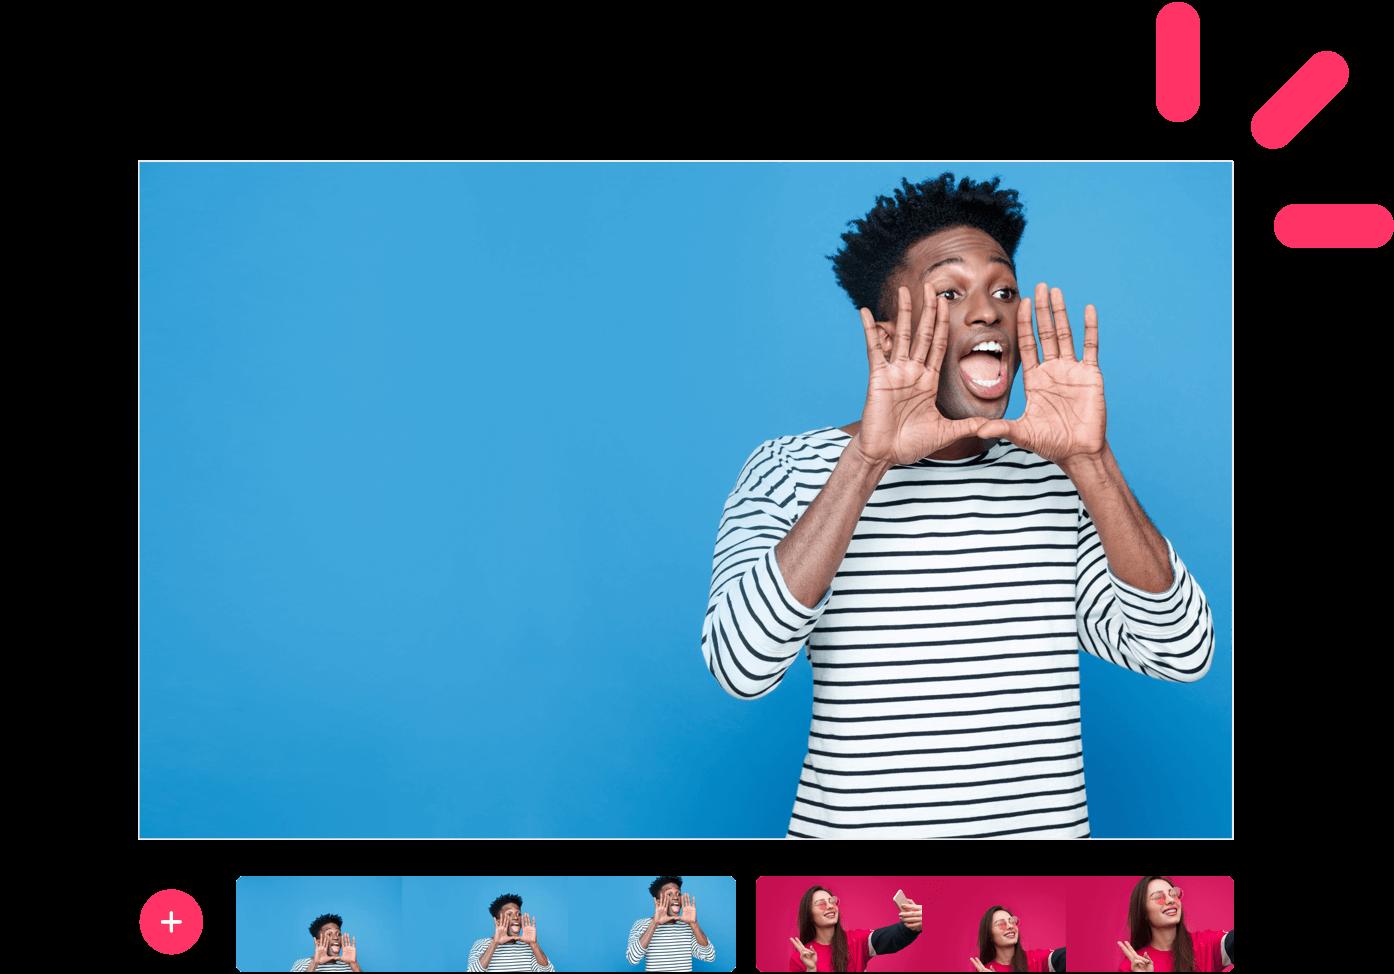 Promo com | Marketing Video Maker | Visual Content Creation Platform